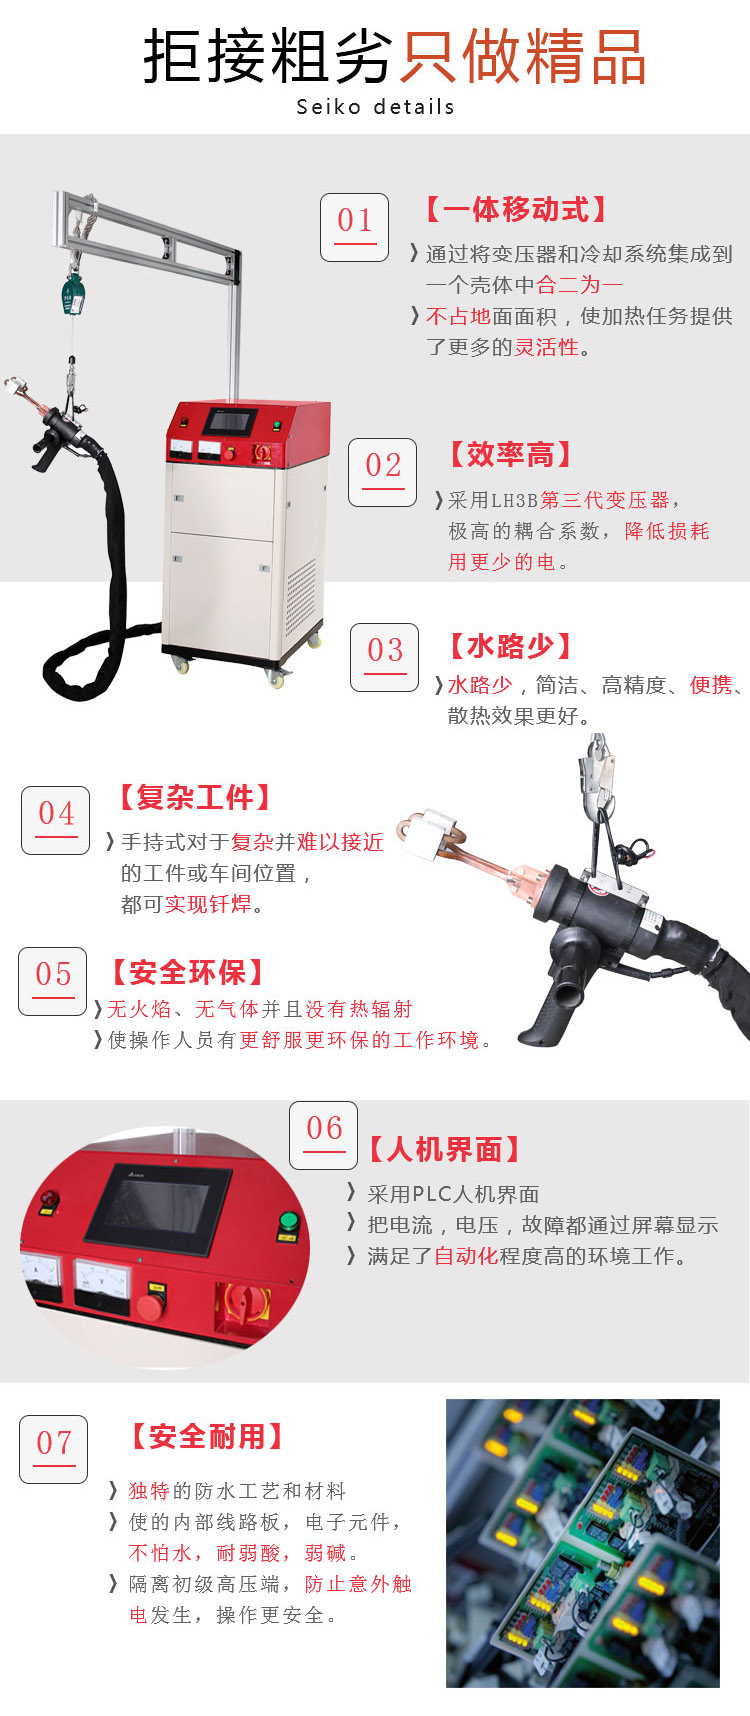 小型手持移动式高频加热机说明